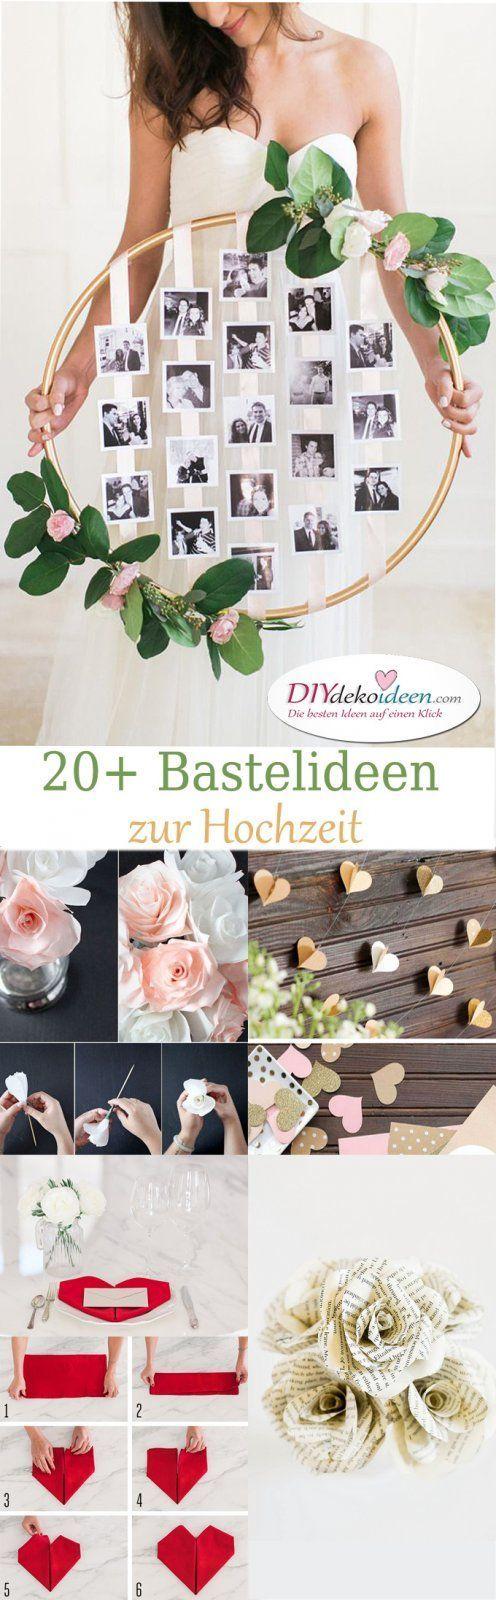 20 Diy Bastelideen Zur Hochzeit Ideen Fur Die Hochzeit Hochzeitsdeko Tischdeko Hochzeit